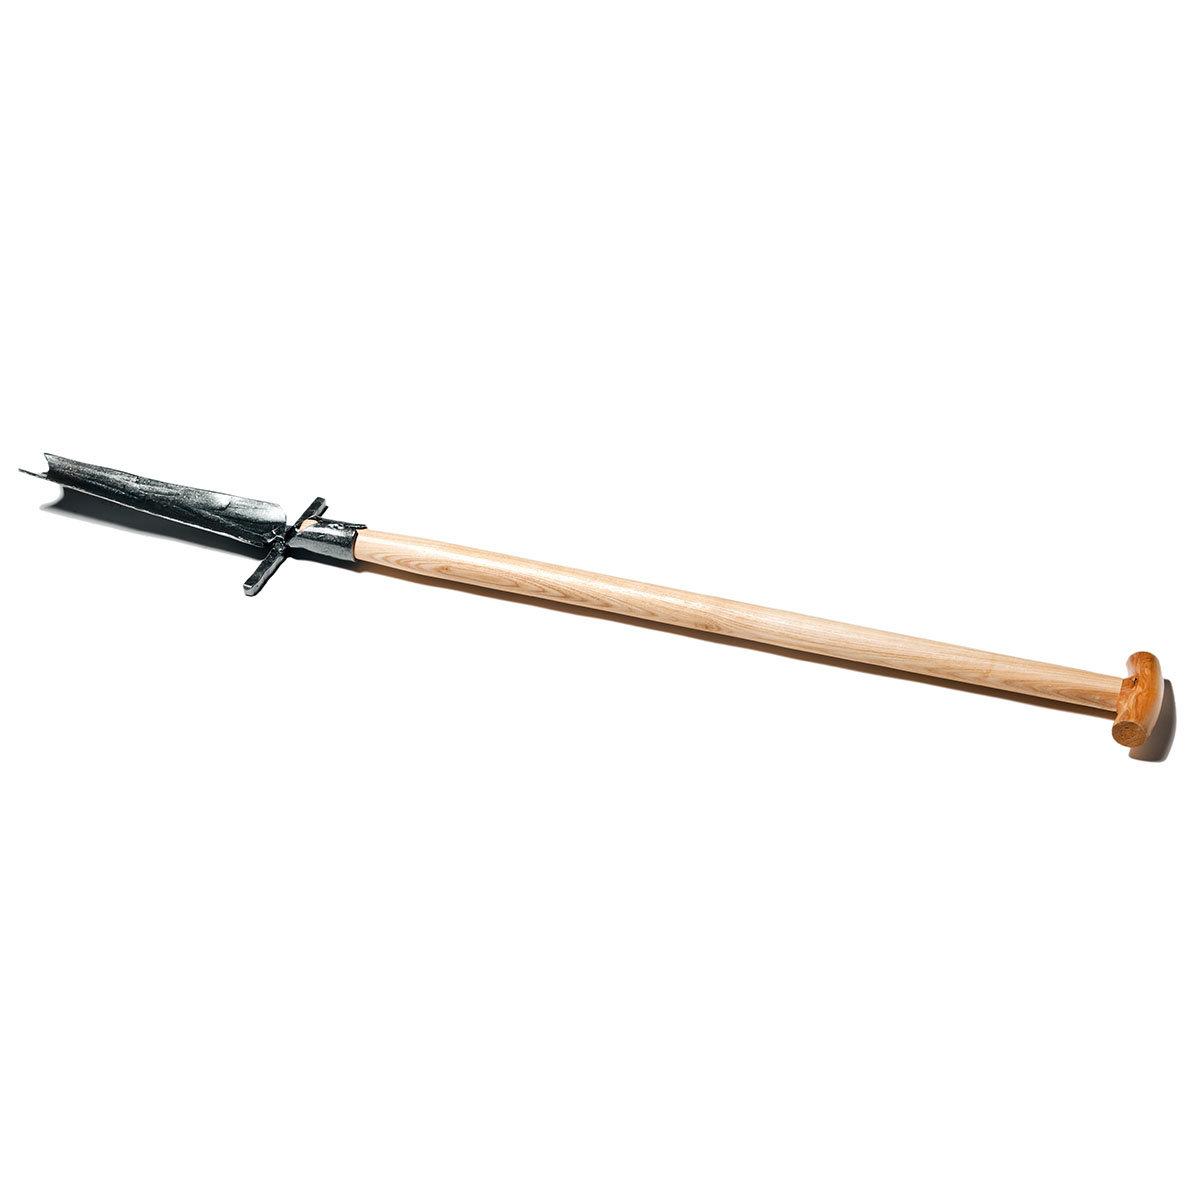 Unkrautstecher mit Tritt, 114 cm | #4